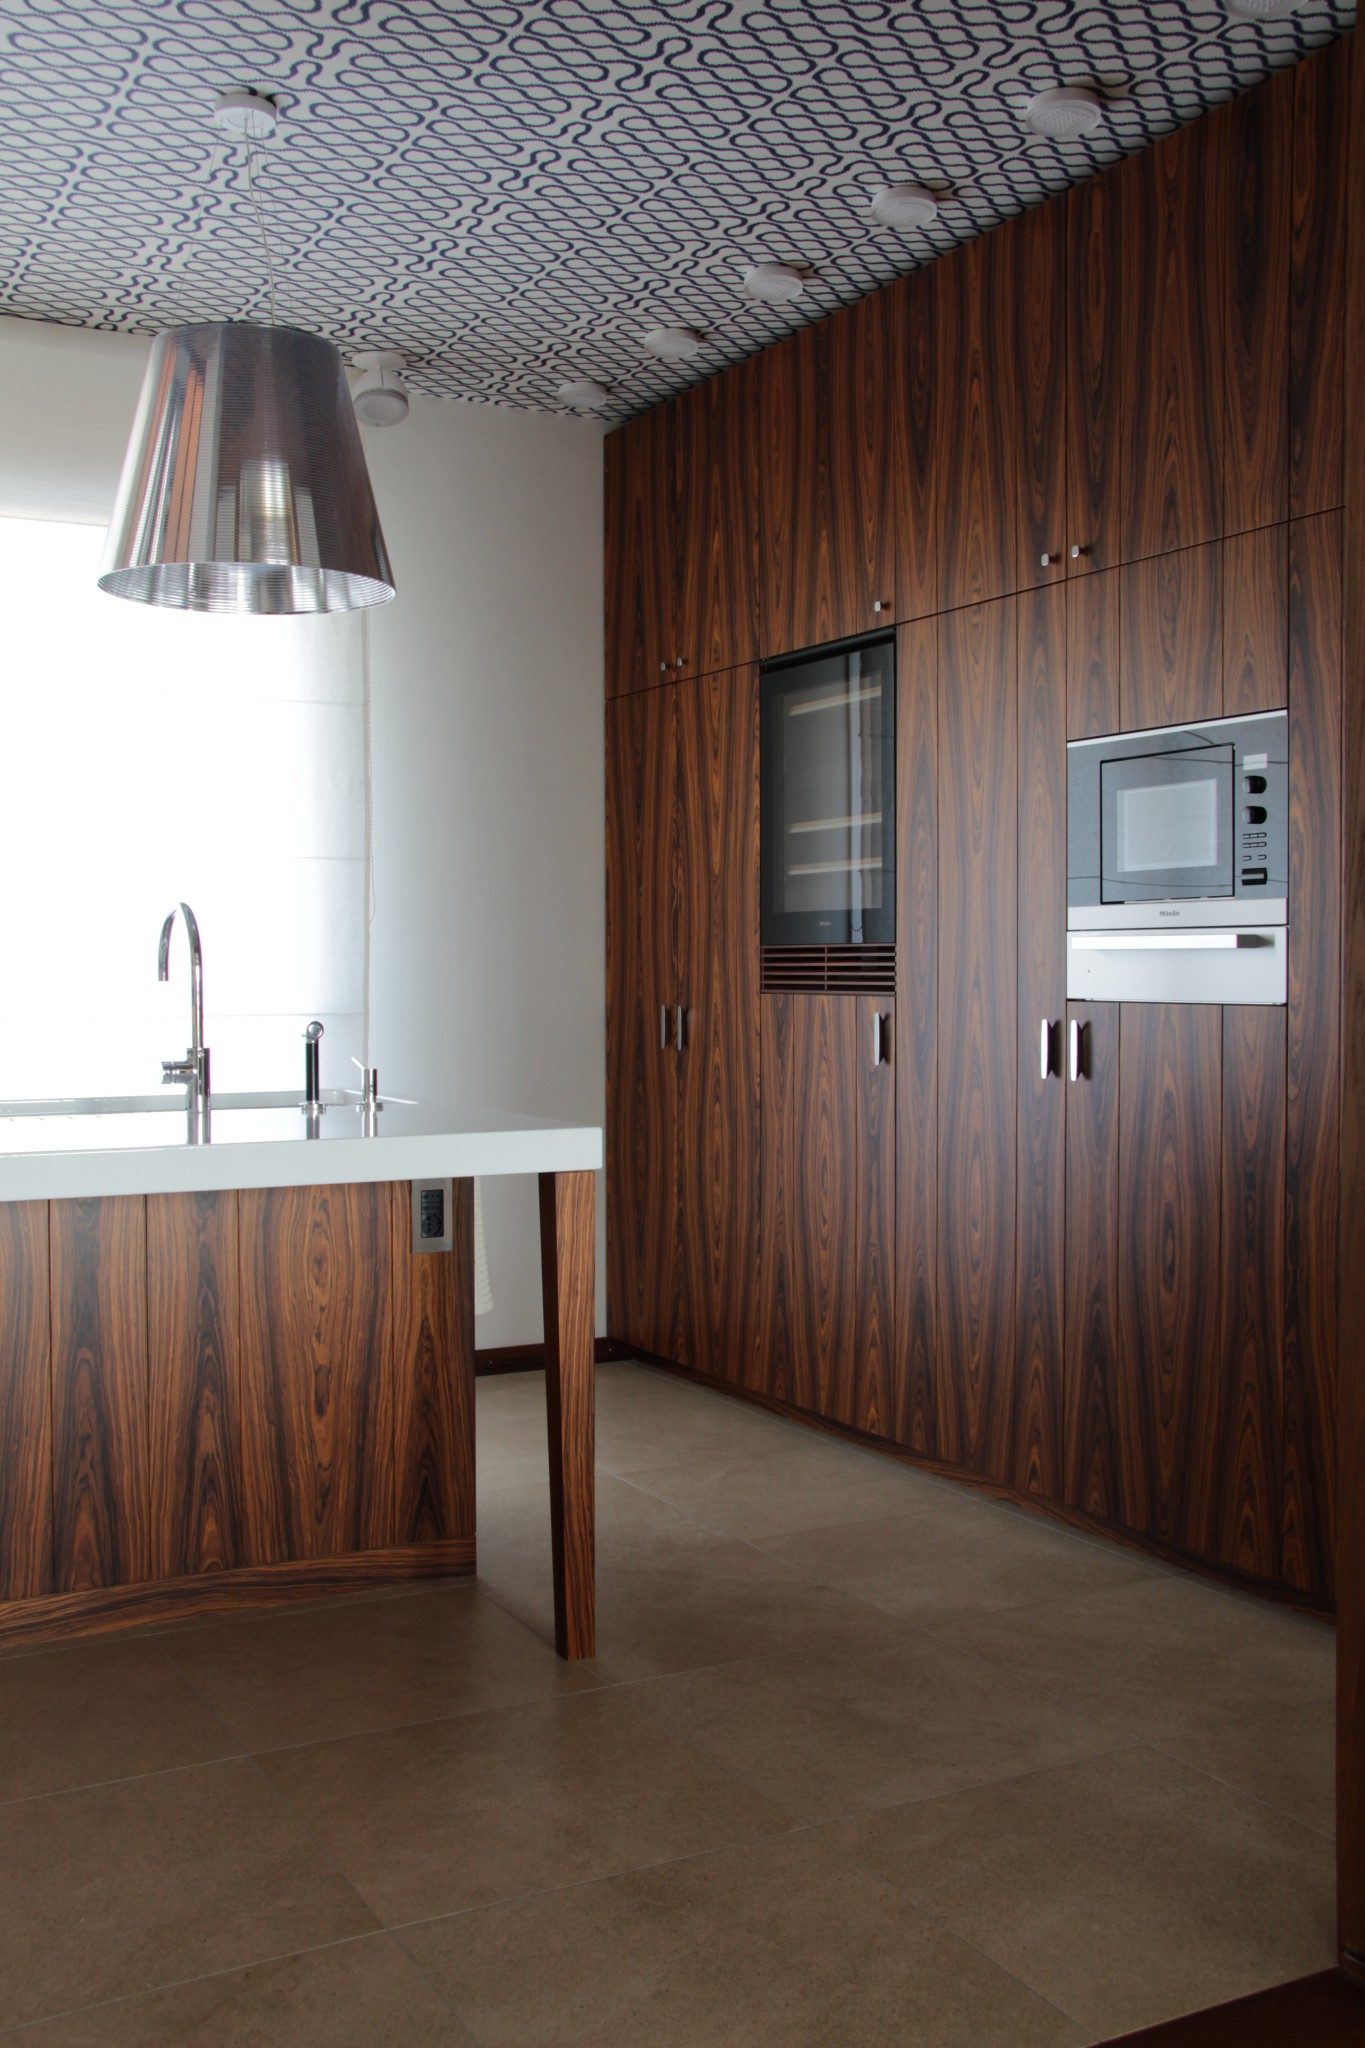 Realizzazioni con marmo della Marmi Valmalenco: la cucina